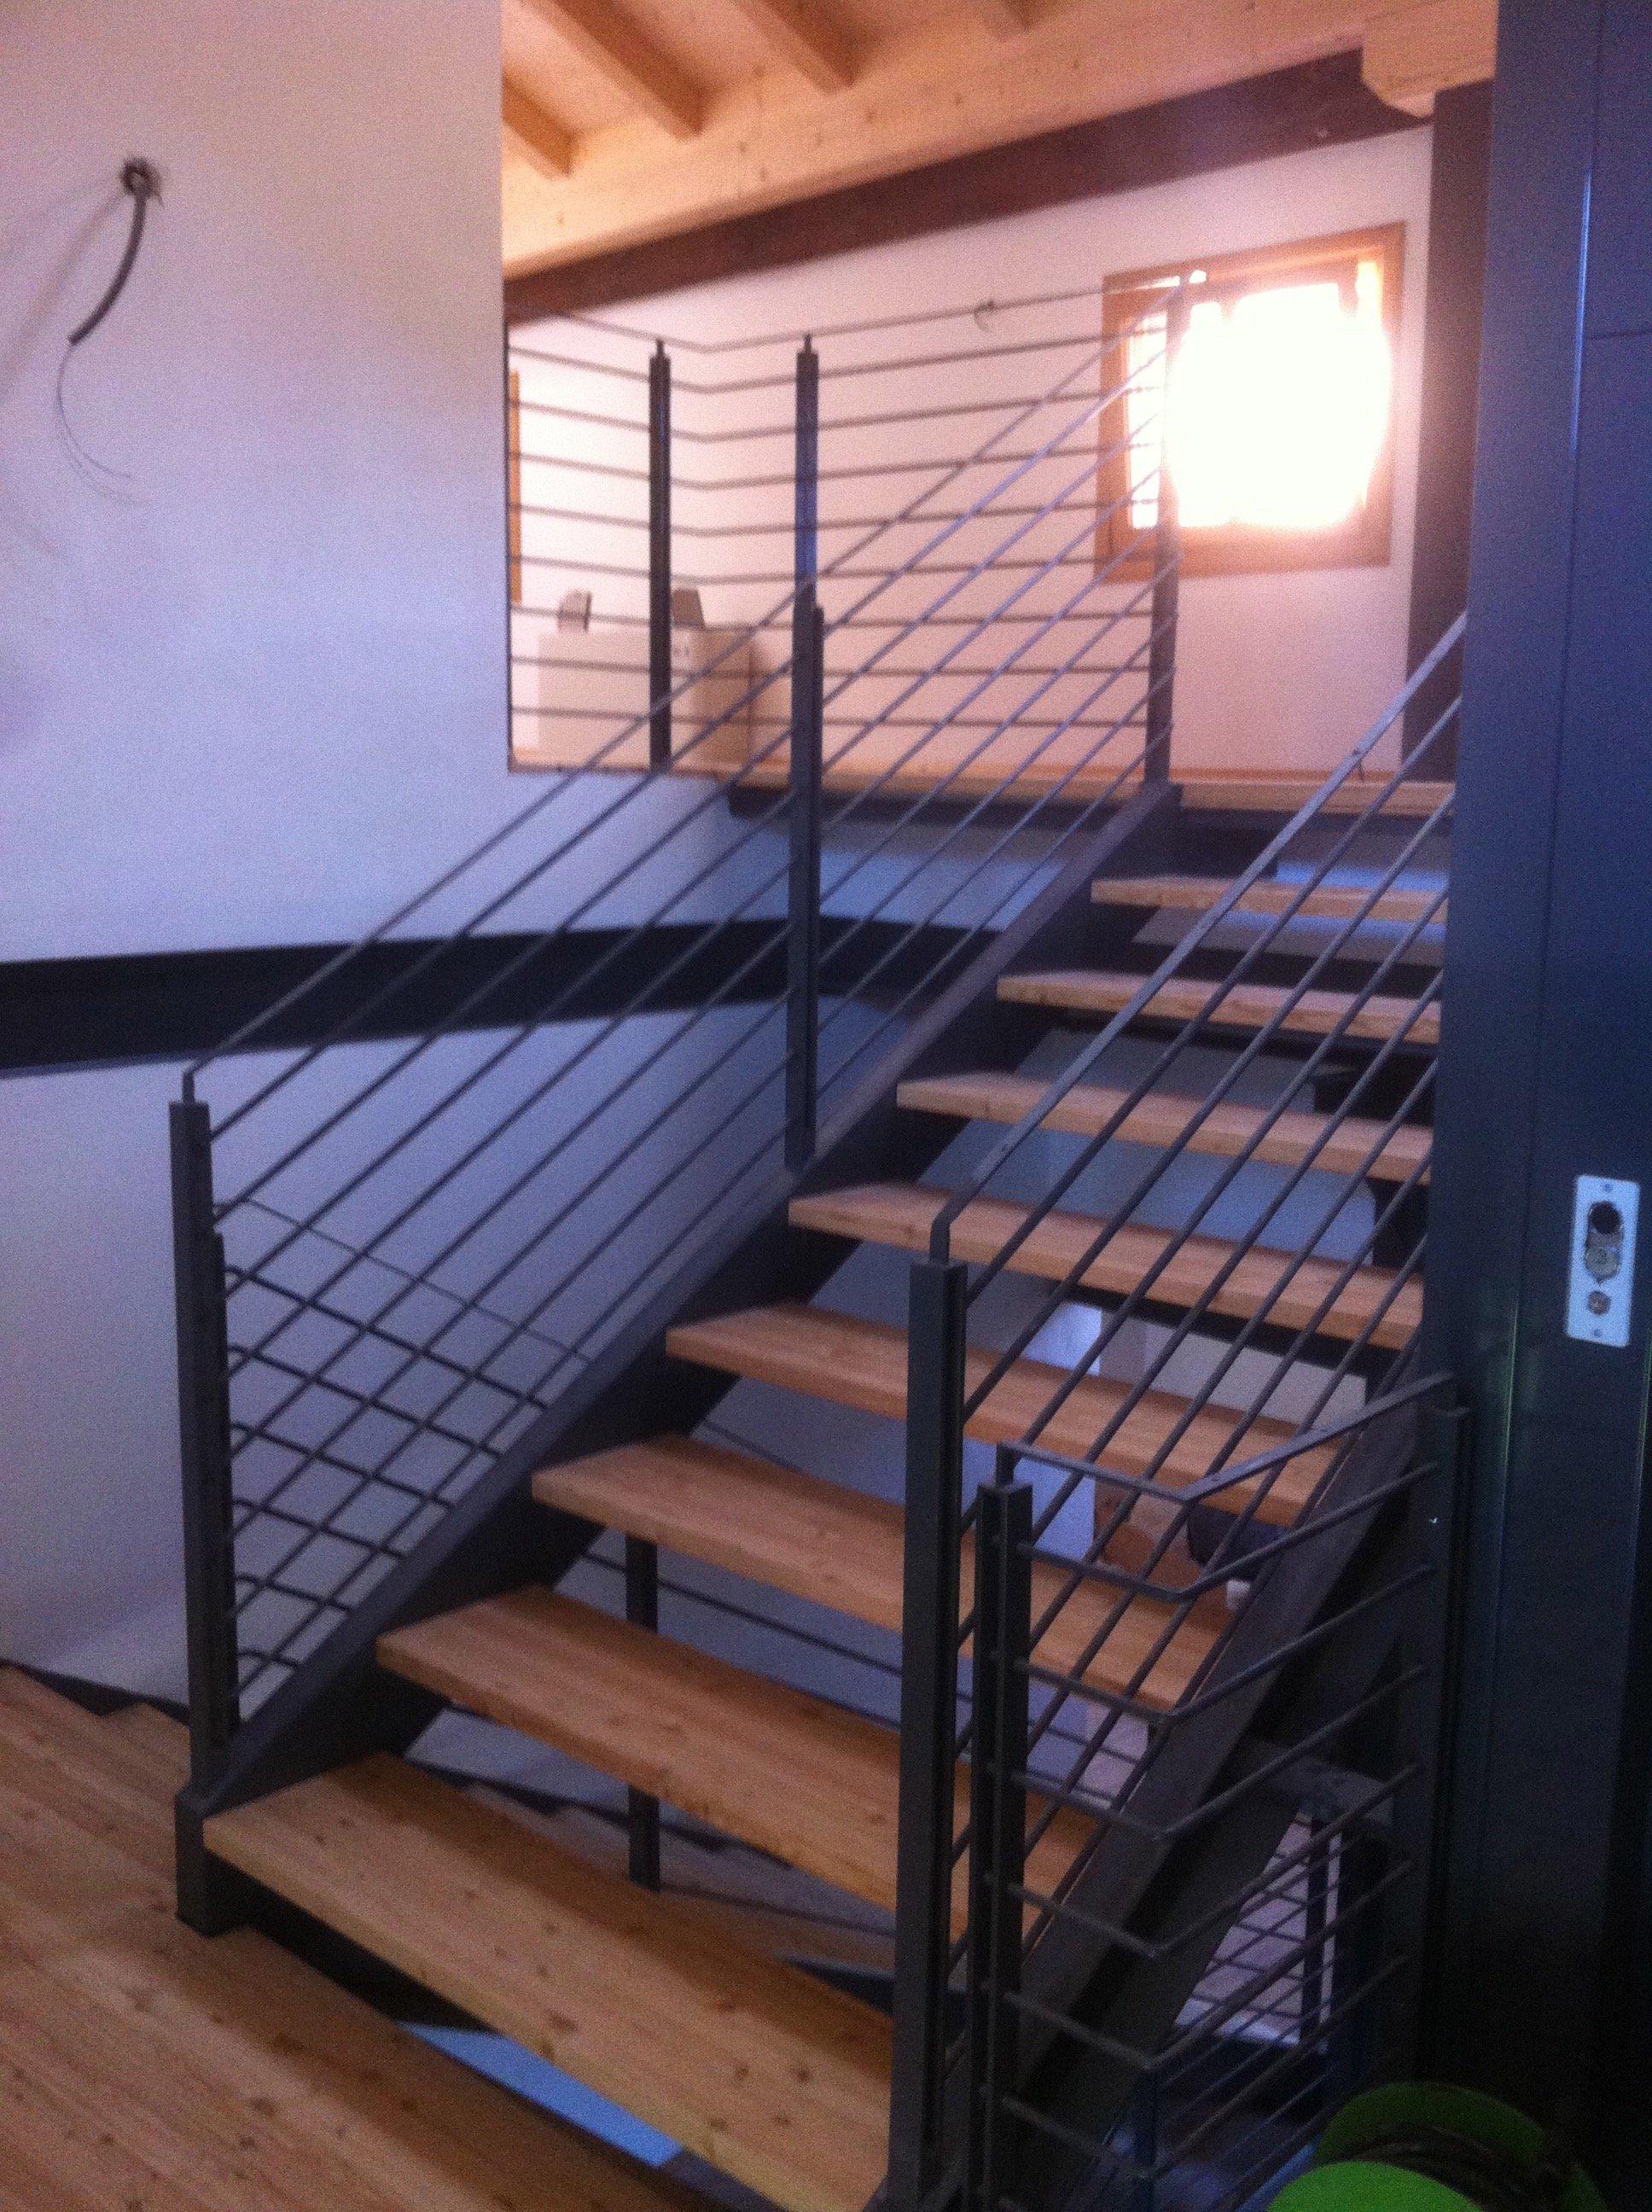 dei gradini in legno di una scala e su entrambi i lati dei corrimano in ferro